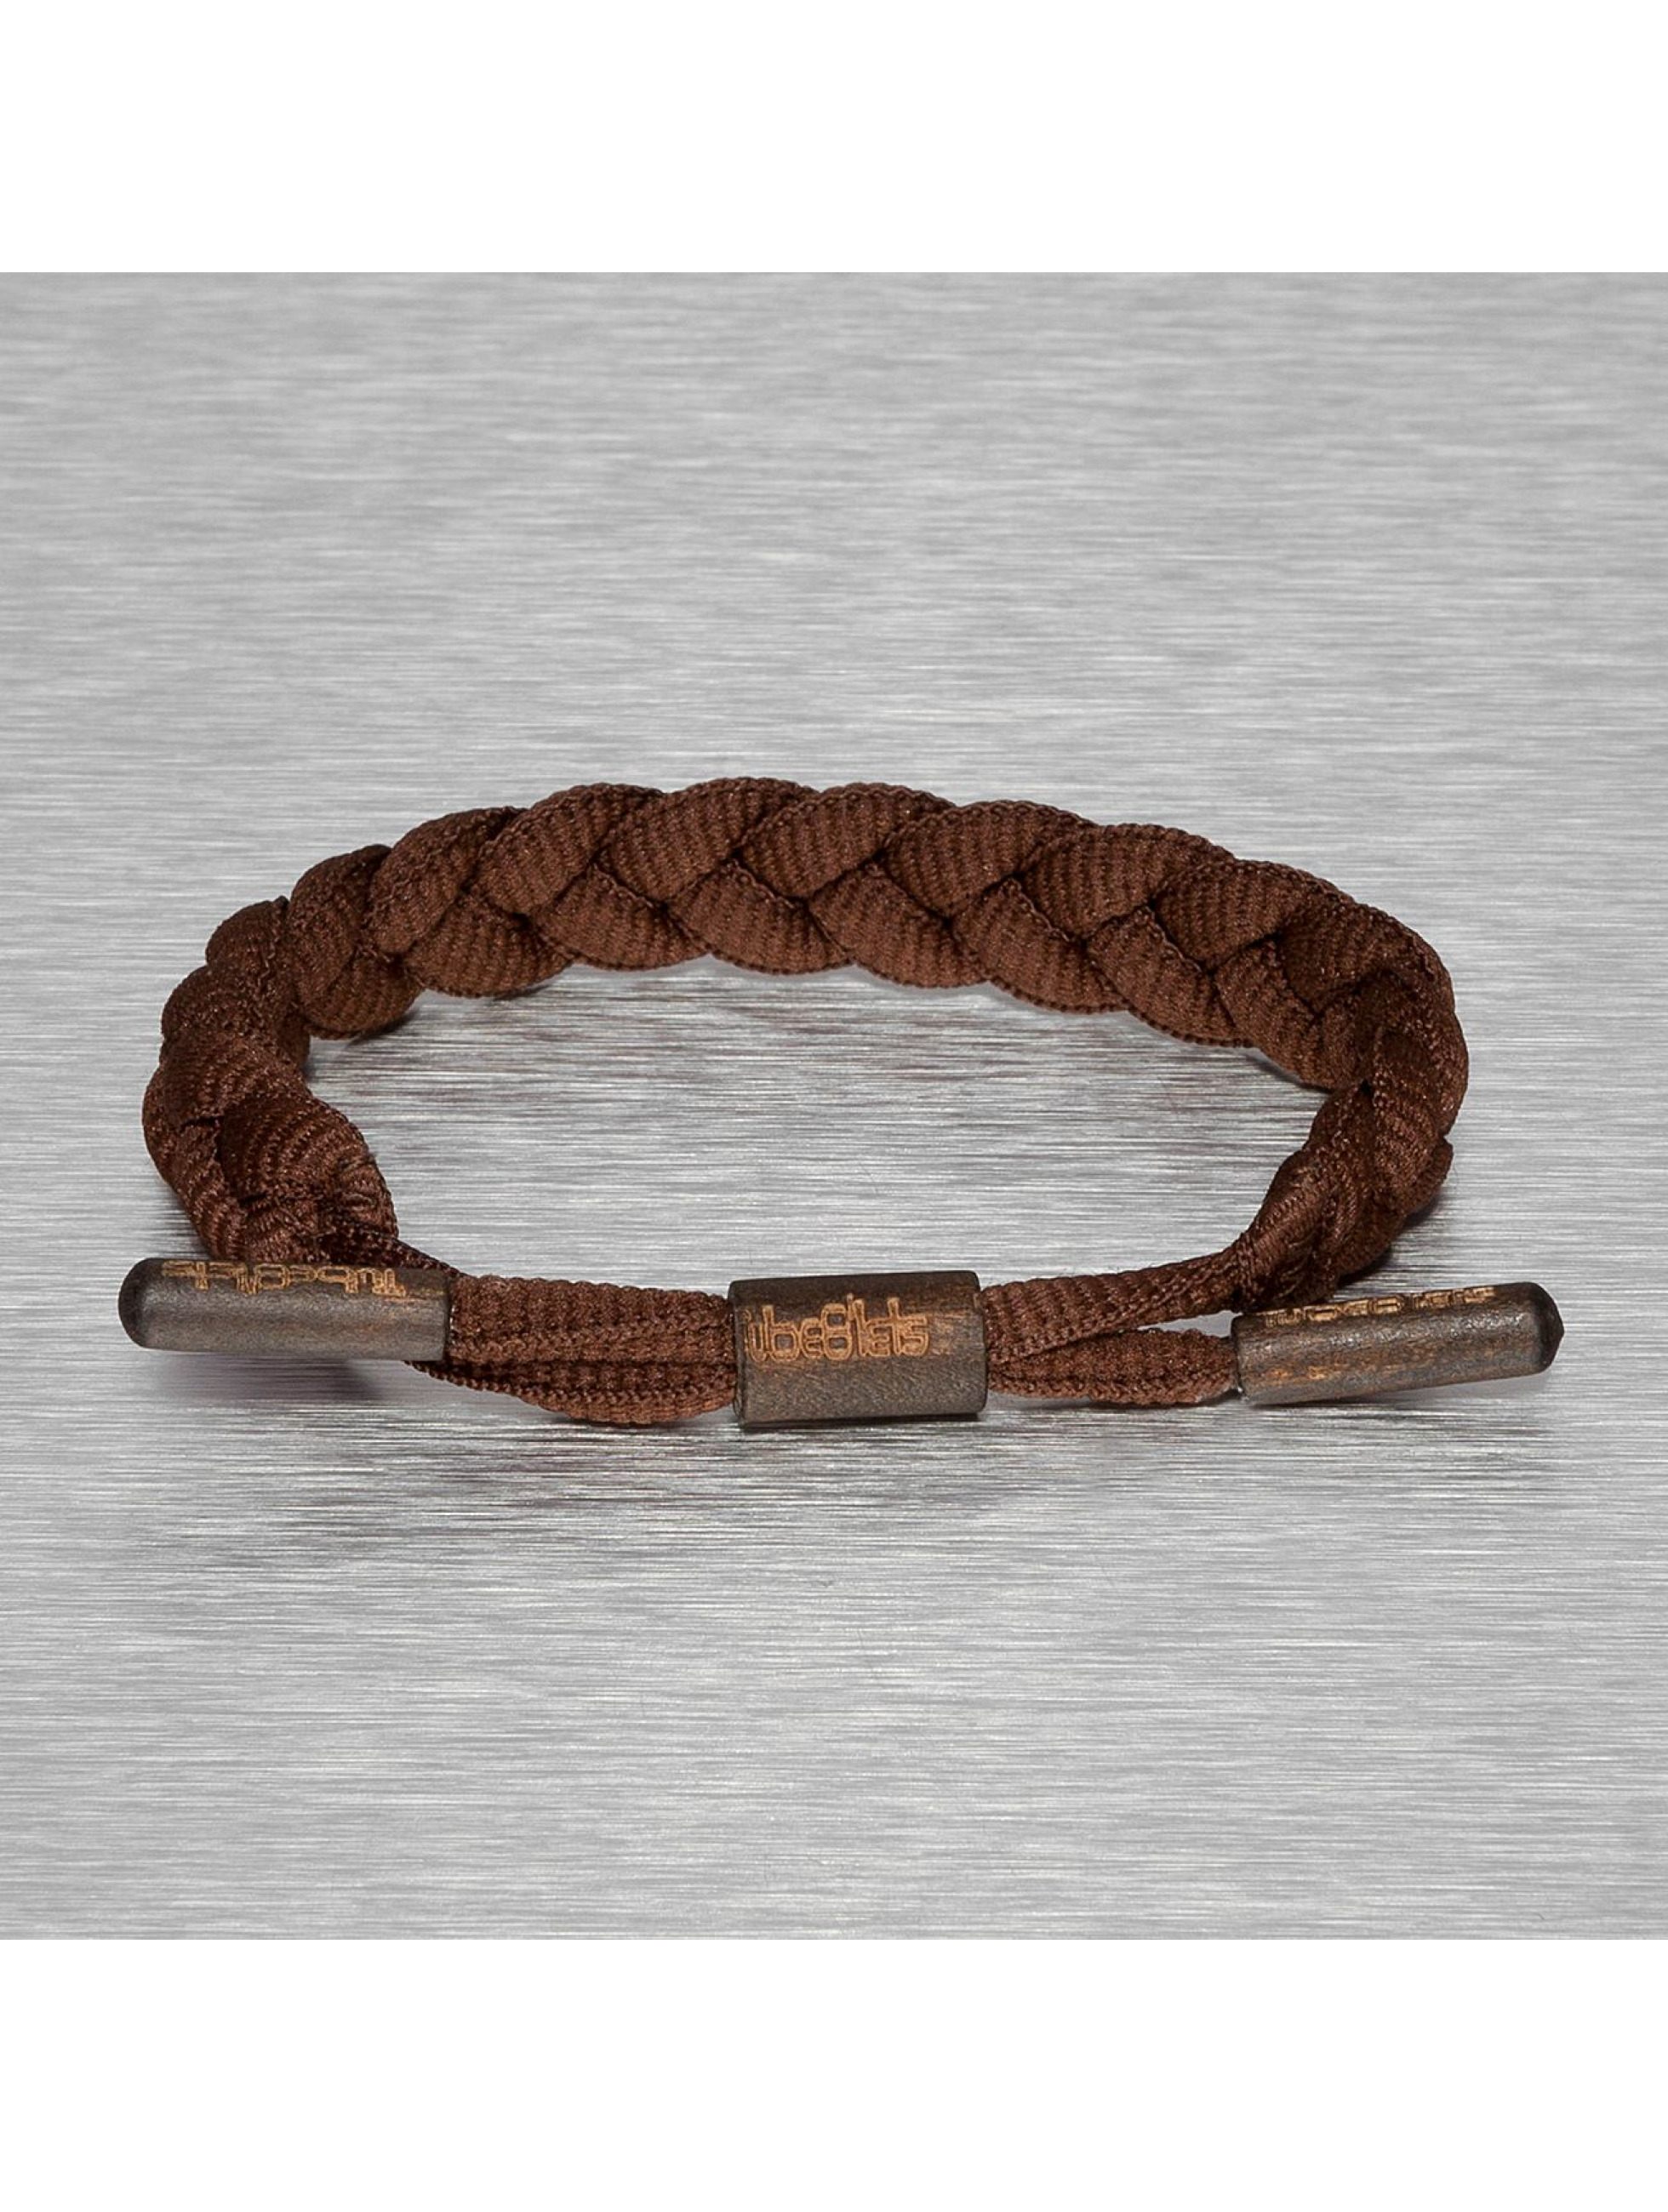 Tubelaces armband TubeBlet bruin